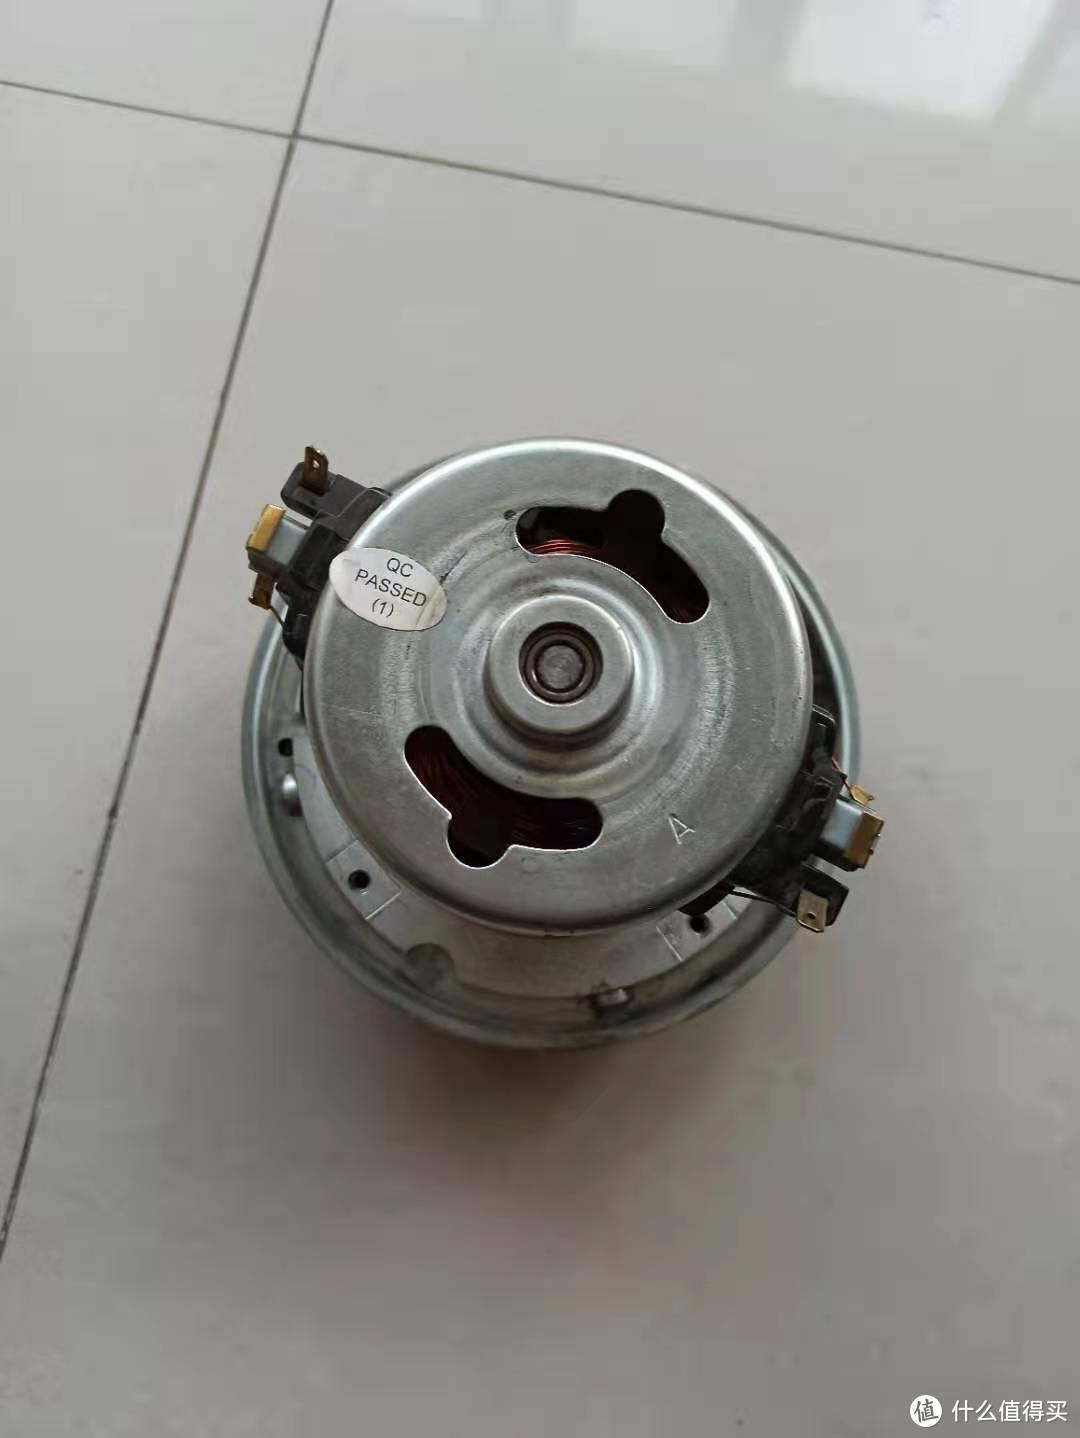 吸尘器拆剩的电机